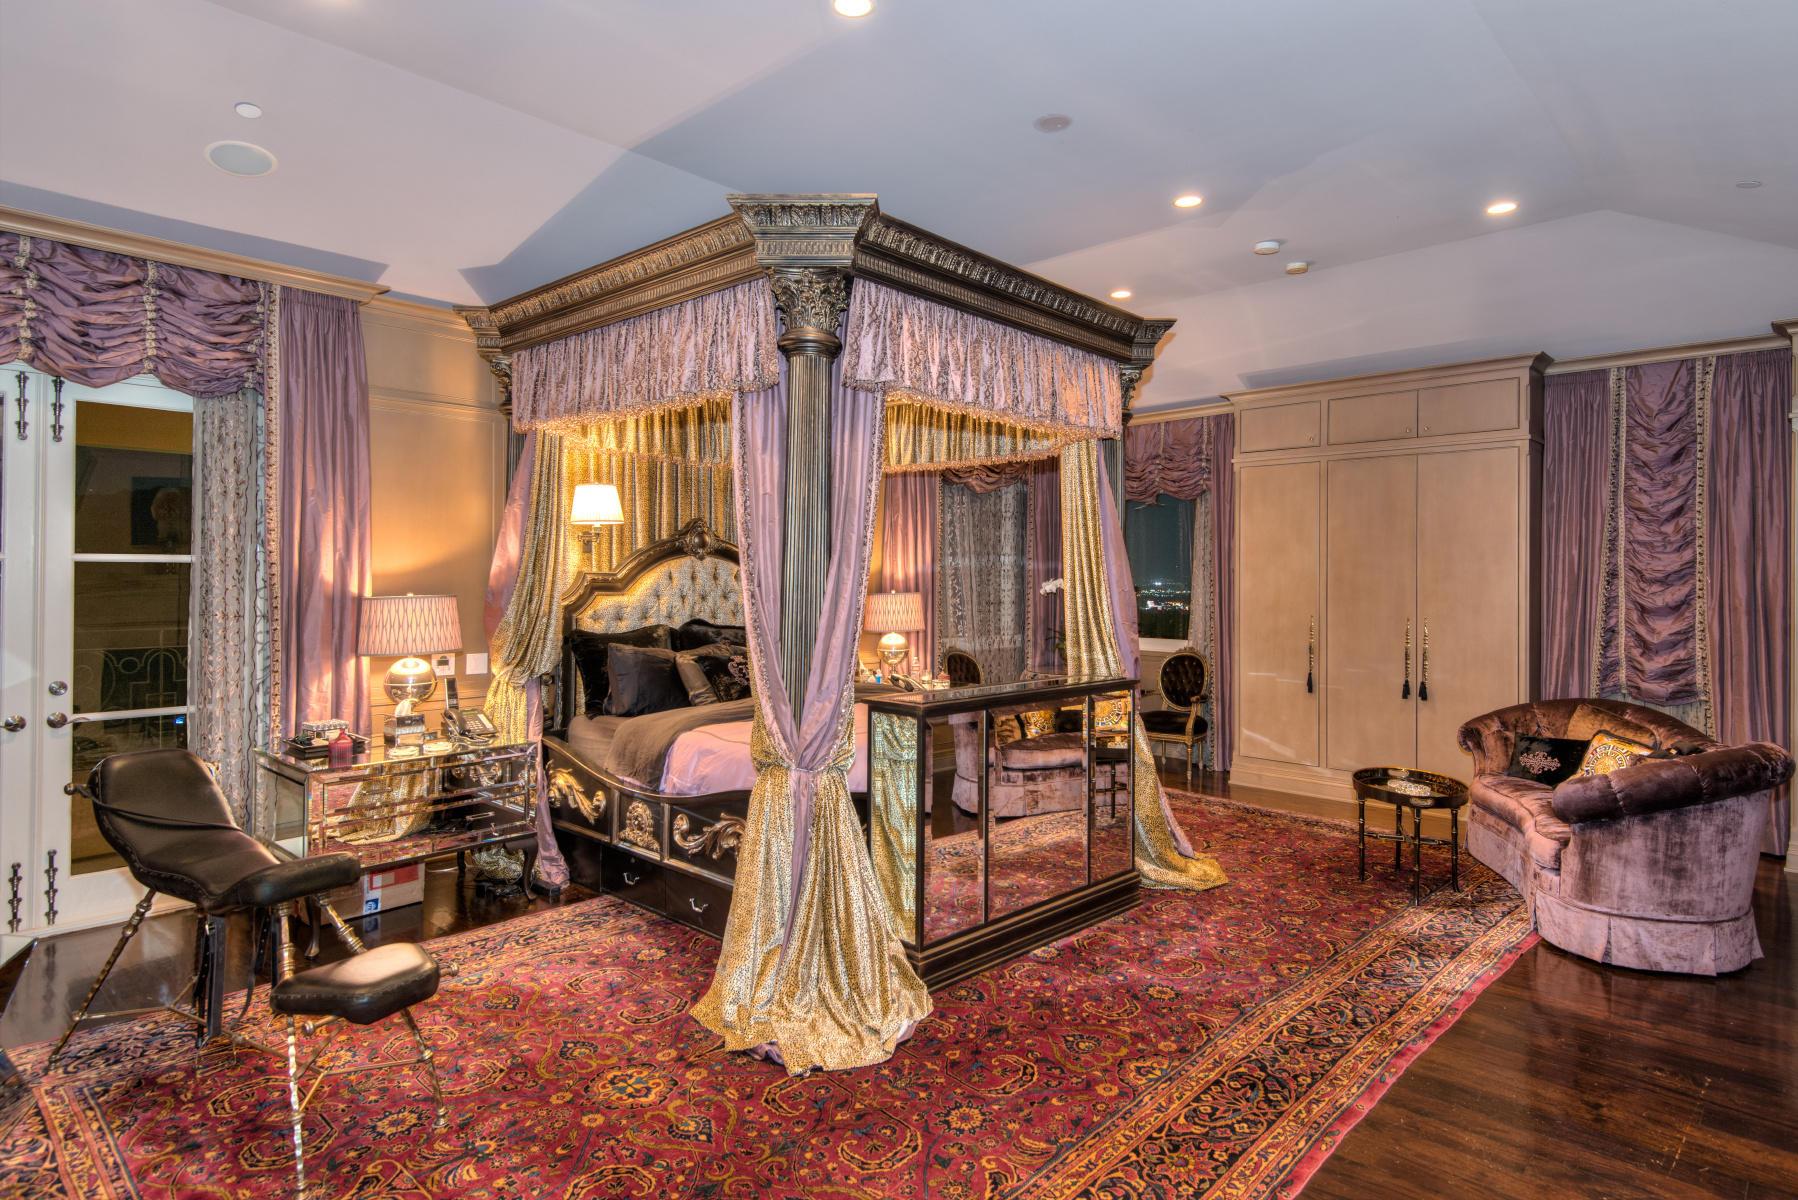 beautiful einzimmerwohnung einrichten interieur gothic kultur ... - Einzimmerwohnung Einrichten Interieur Gothic Kultur